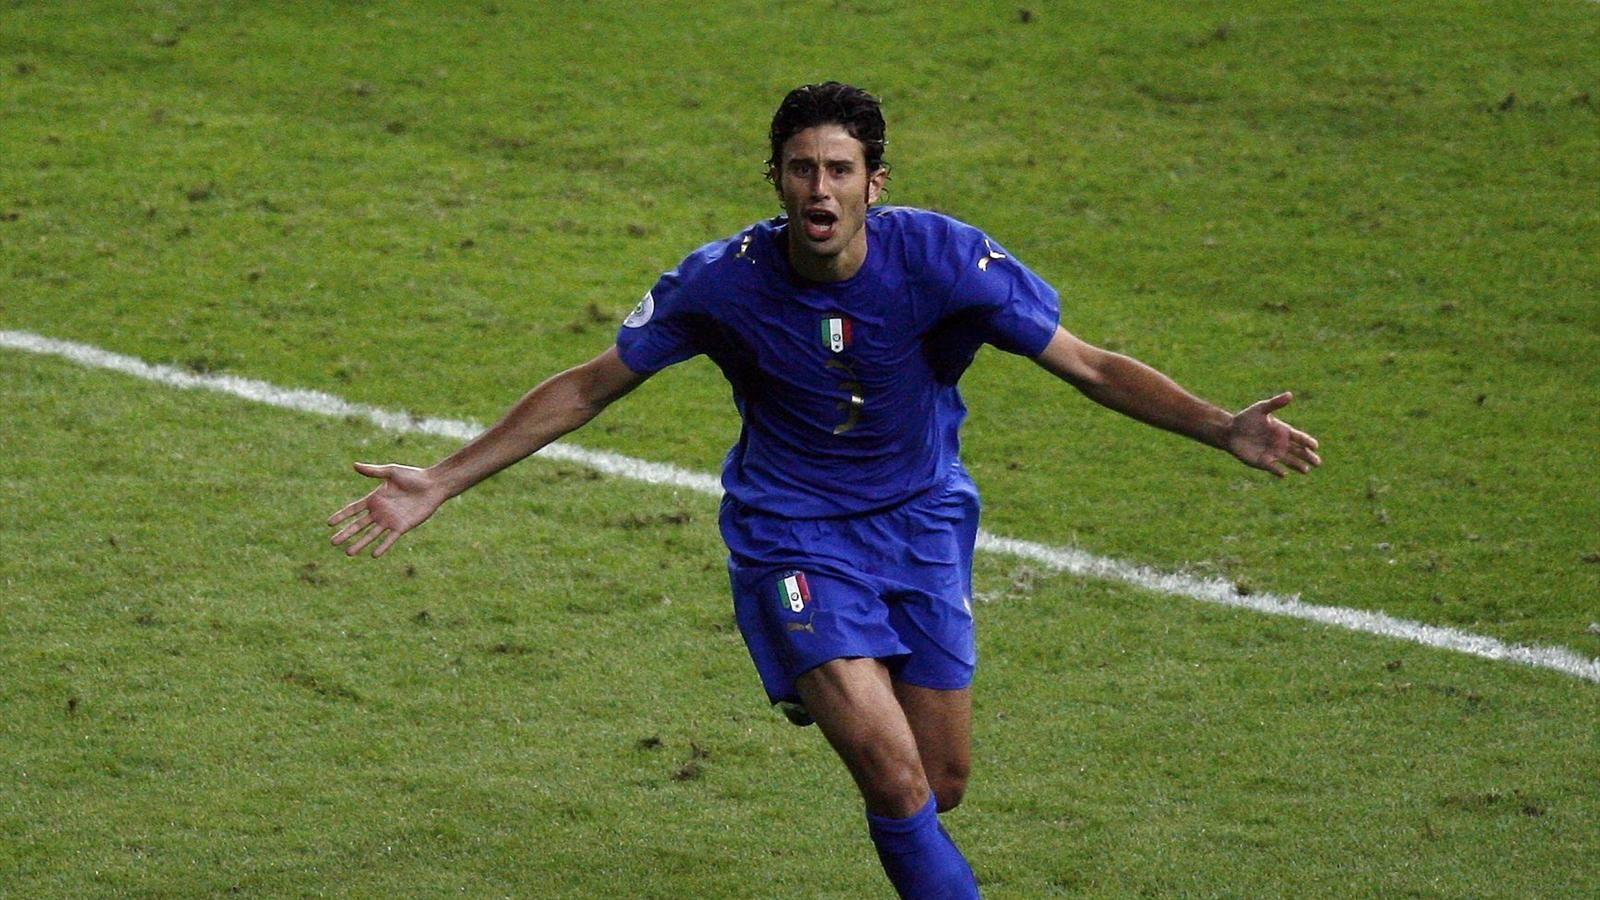 Вратарь сборной Италии Фабио Гроссо